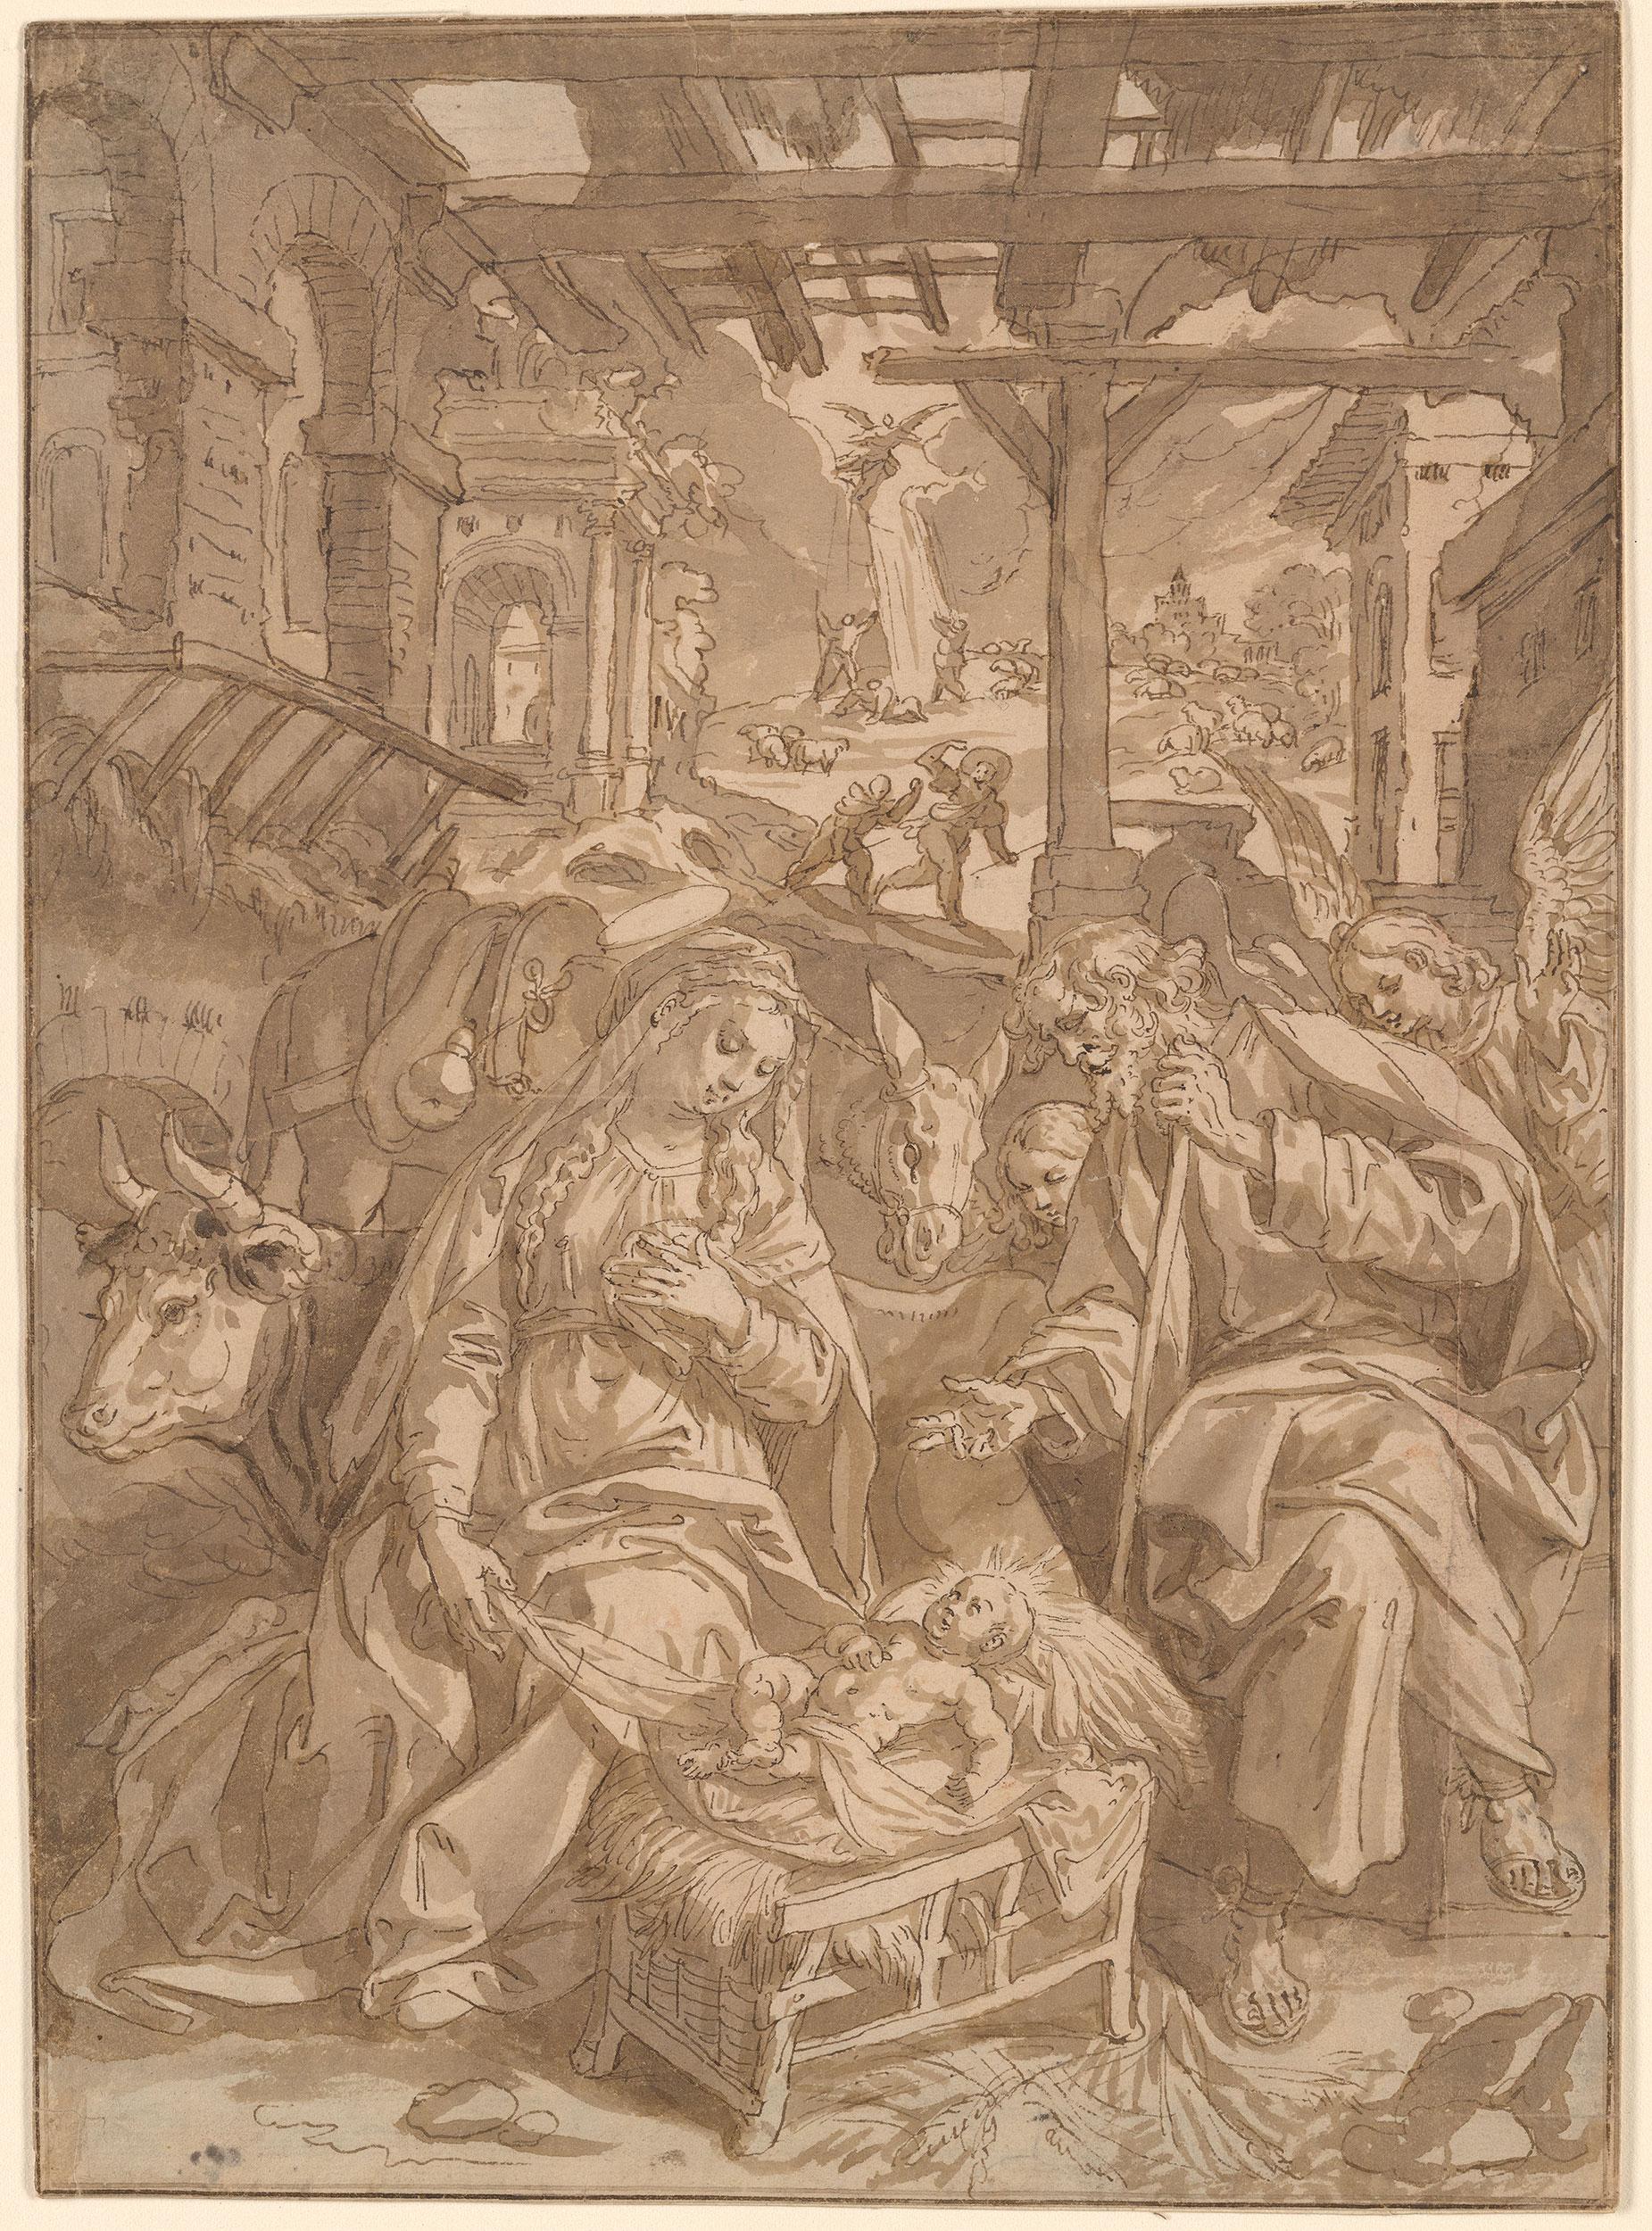 Maarten De Vos The Nativity Drawings Online The